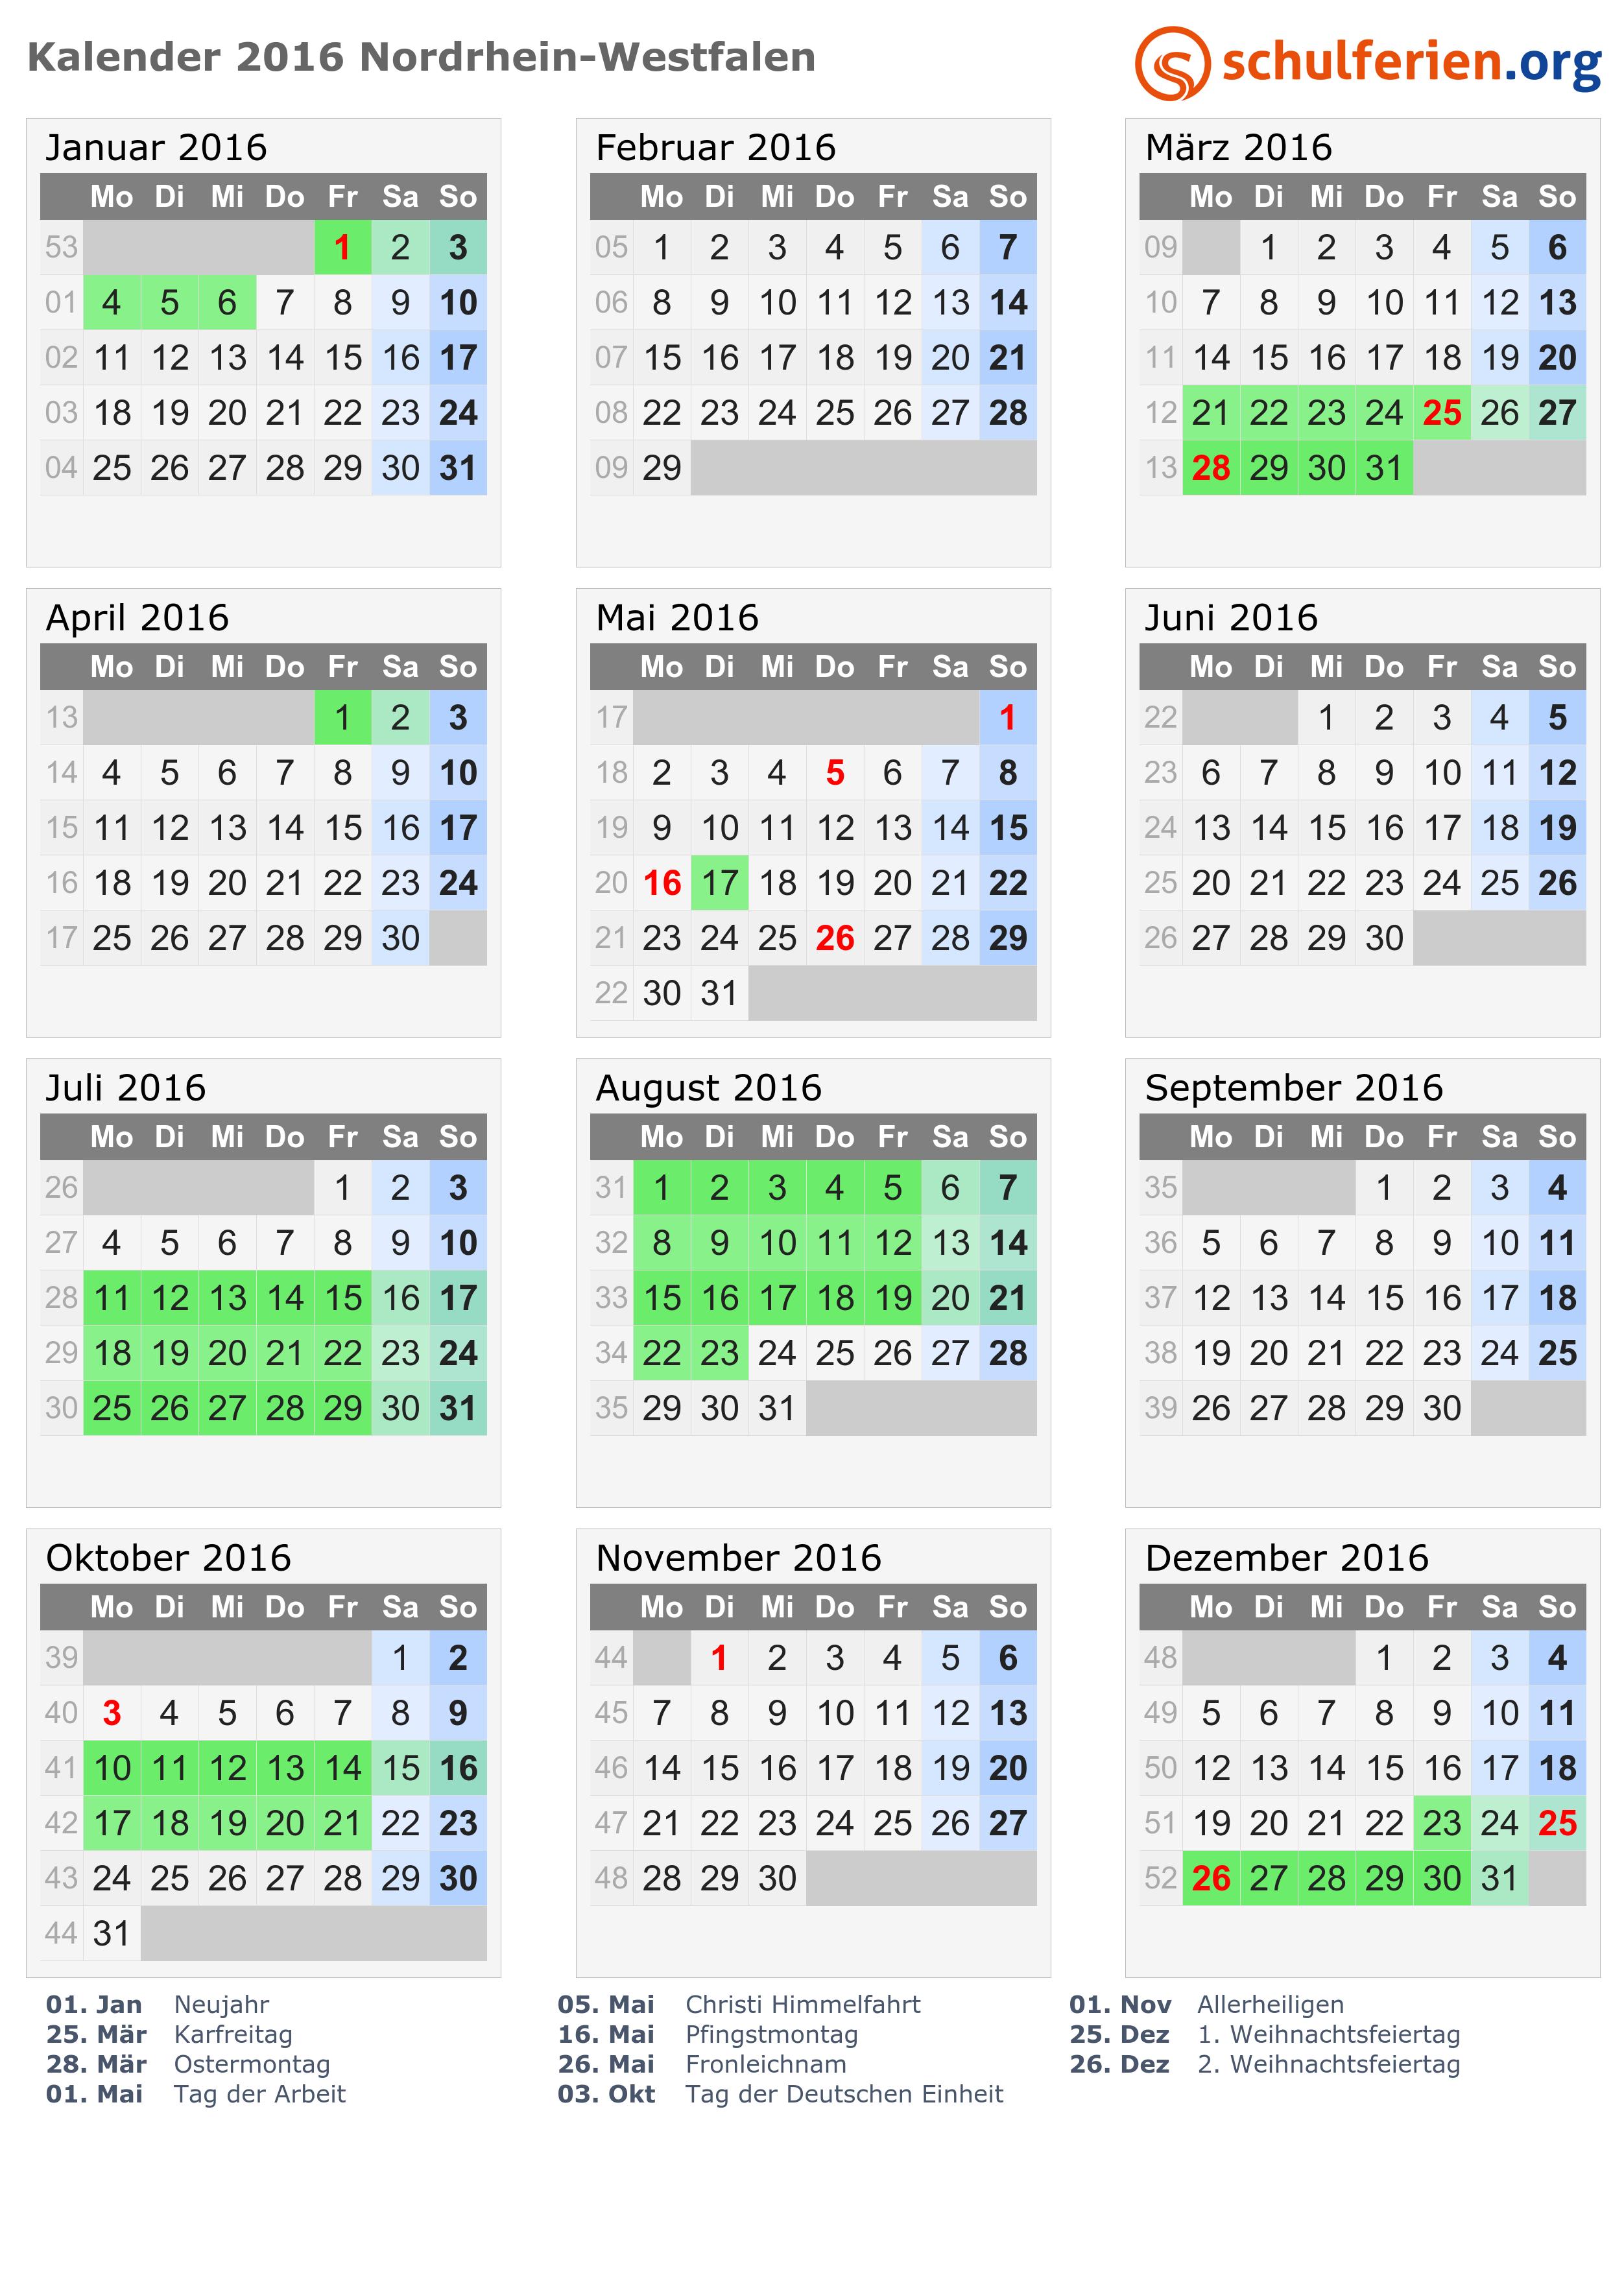 kalender 2016 ferien nordrhein westfalen feiertage. Black Bedroom Furniture Sets. Home Design Ideas